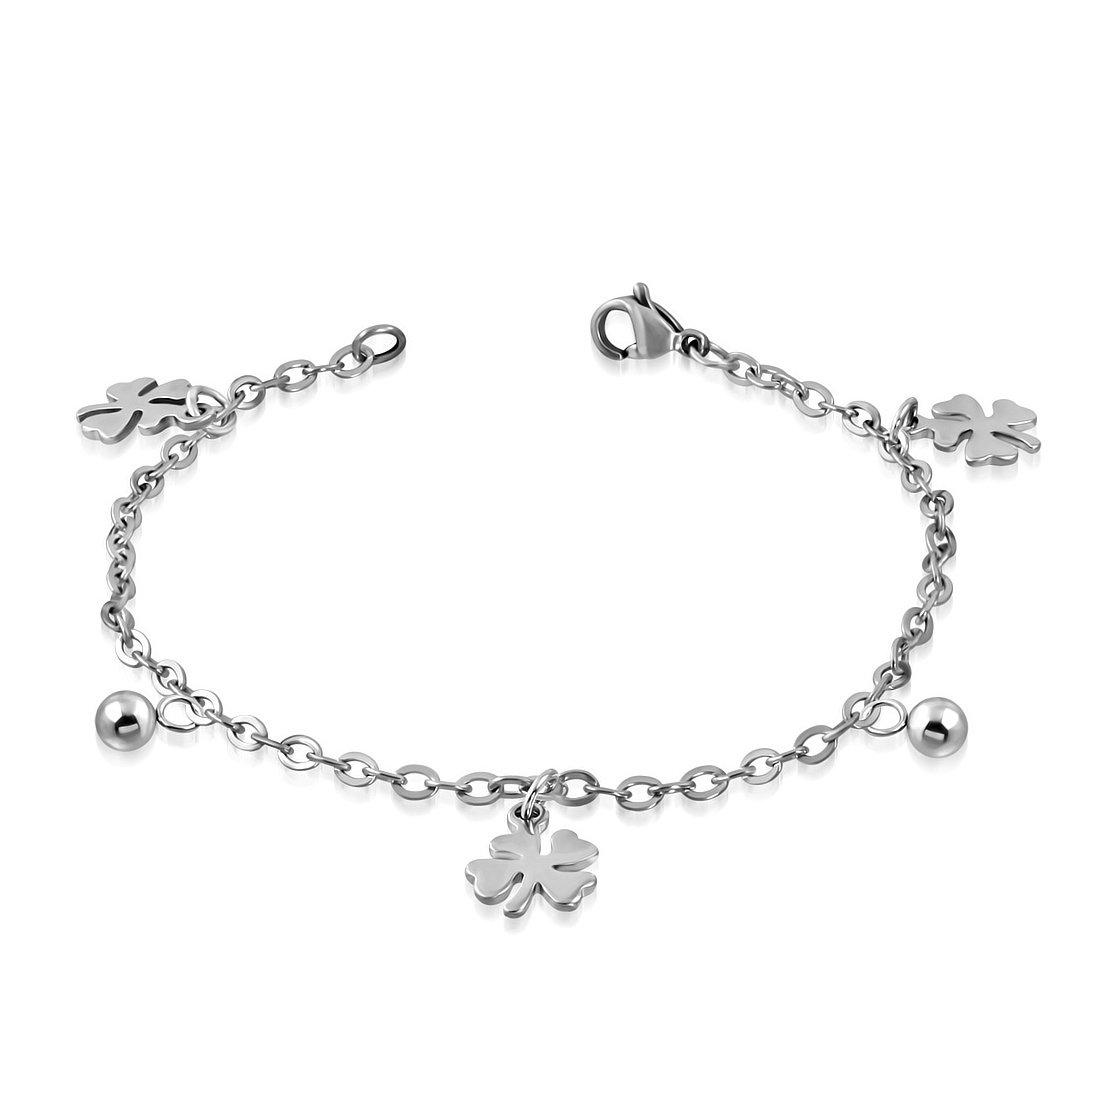 Stainless Steel Love Heart Shamrock Flower Ball Charm Link Chain Bracelet/ Anklet